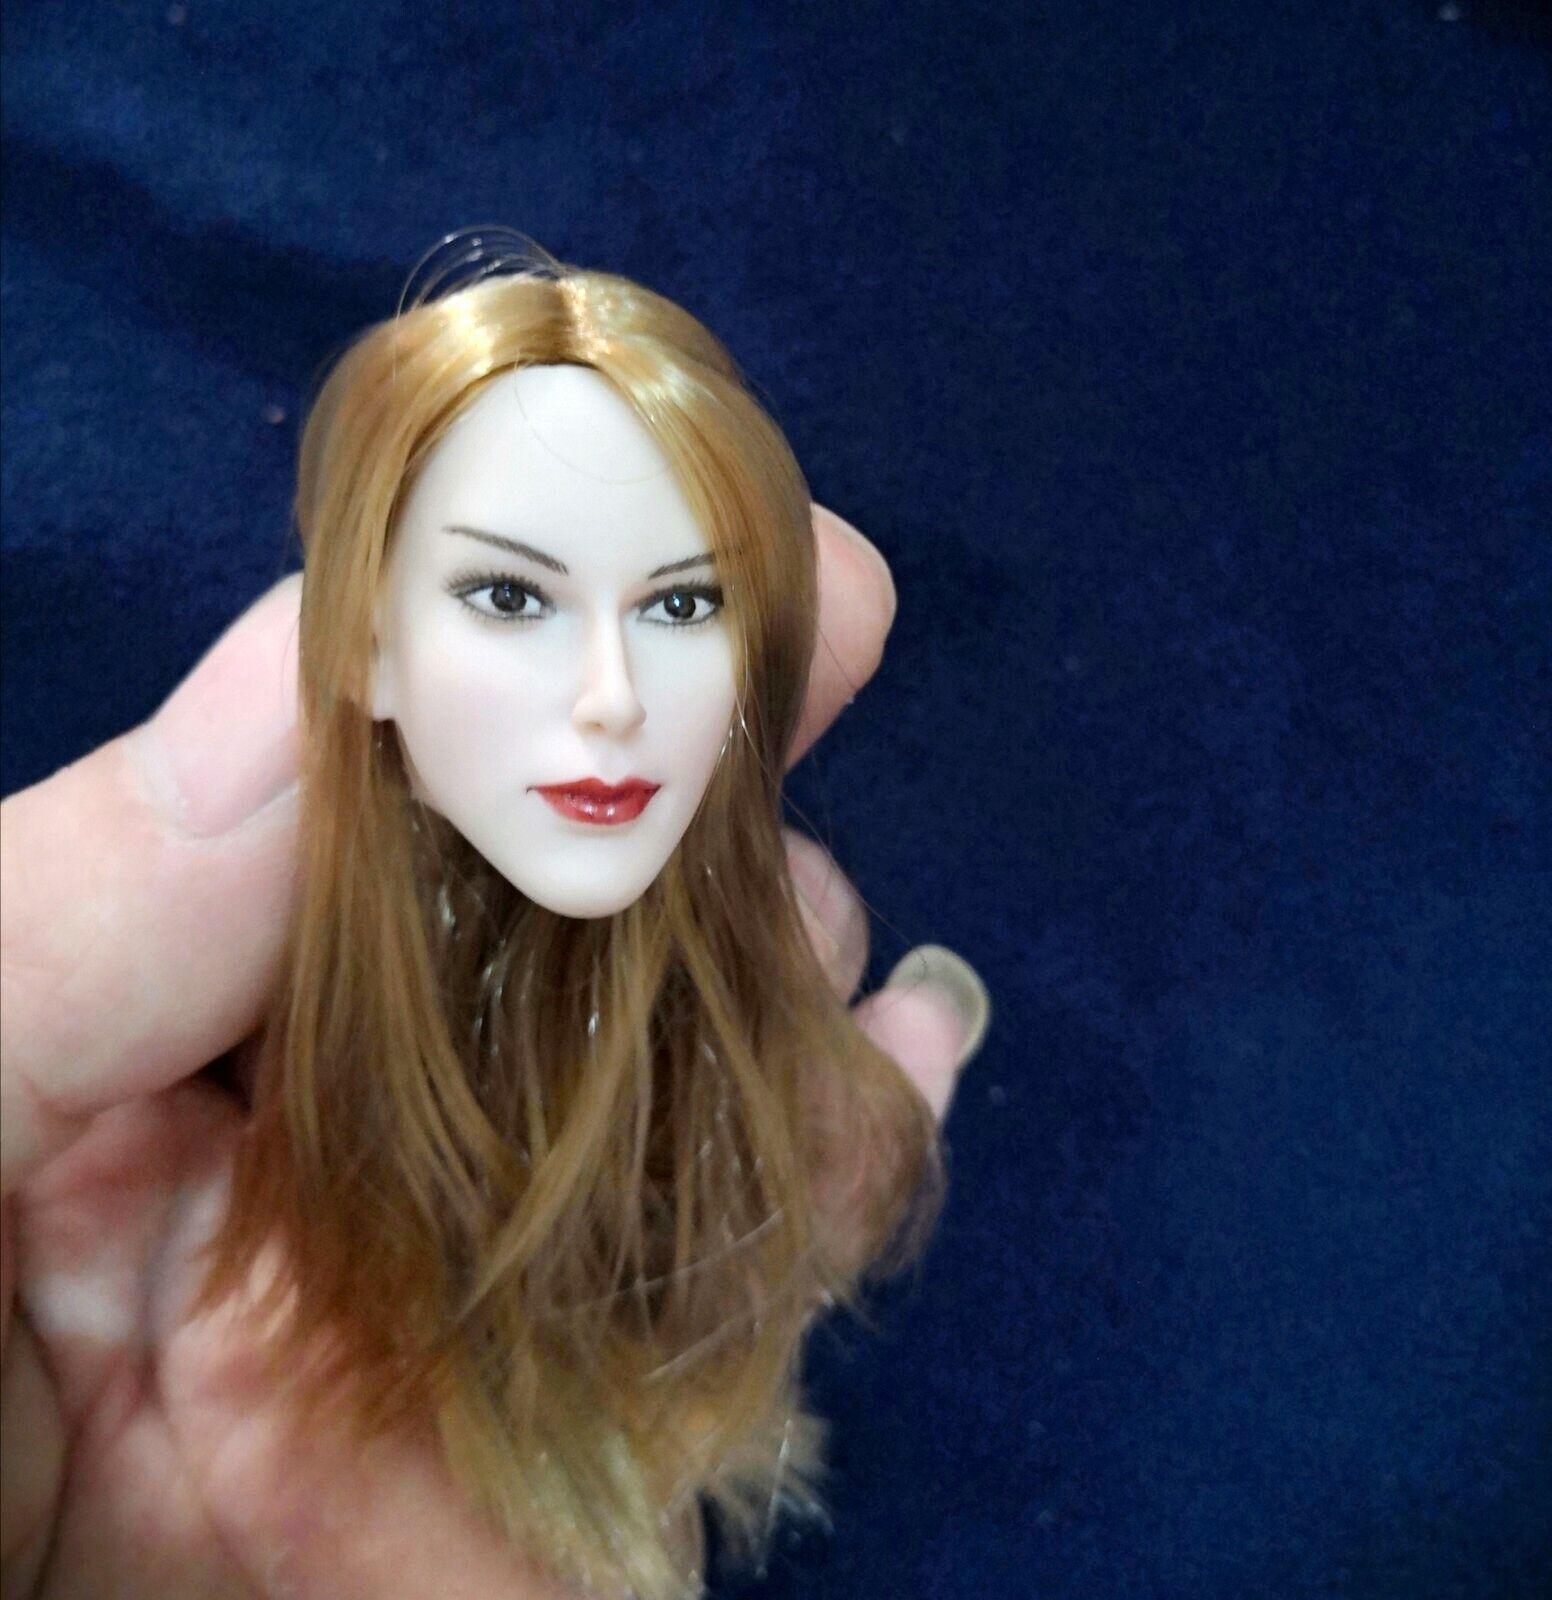 1 6 Scale Girl Head Sculpt Model Fit 12'' Pale Pale Pale HT